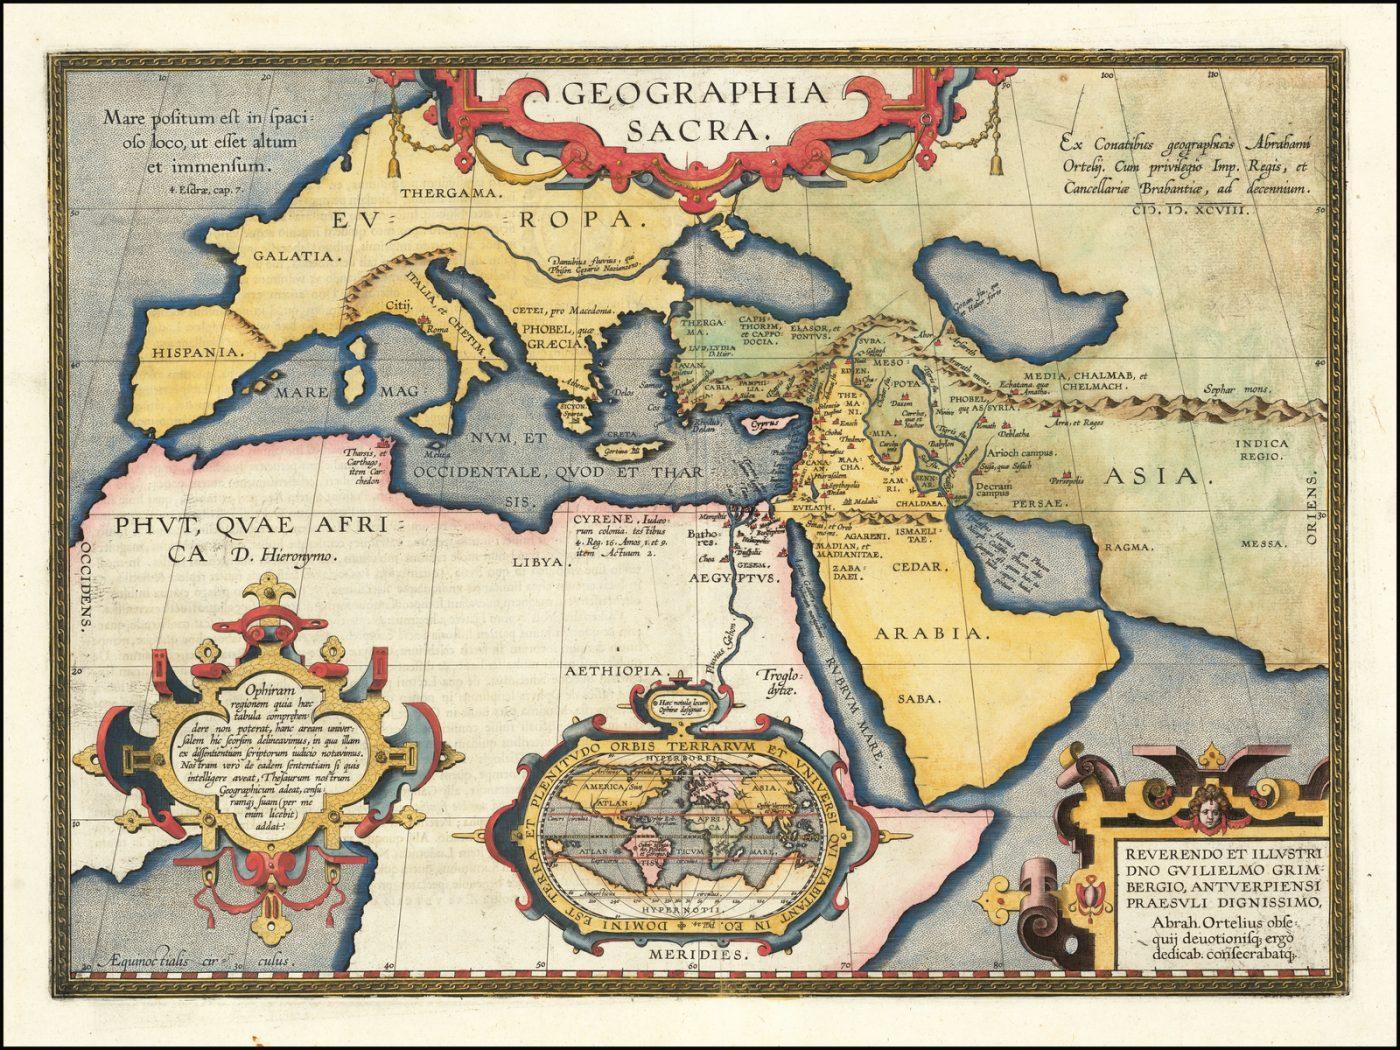 Декоративный пример карты древнего мира Ортелия со вставкой его современной карты мира